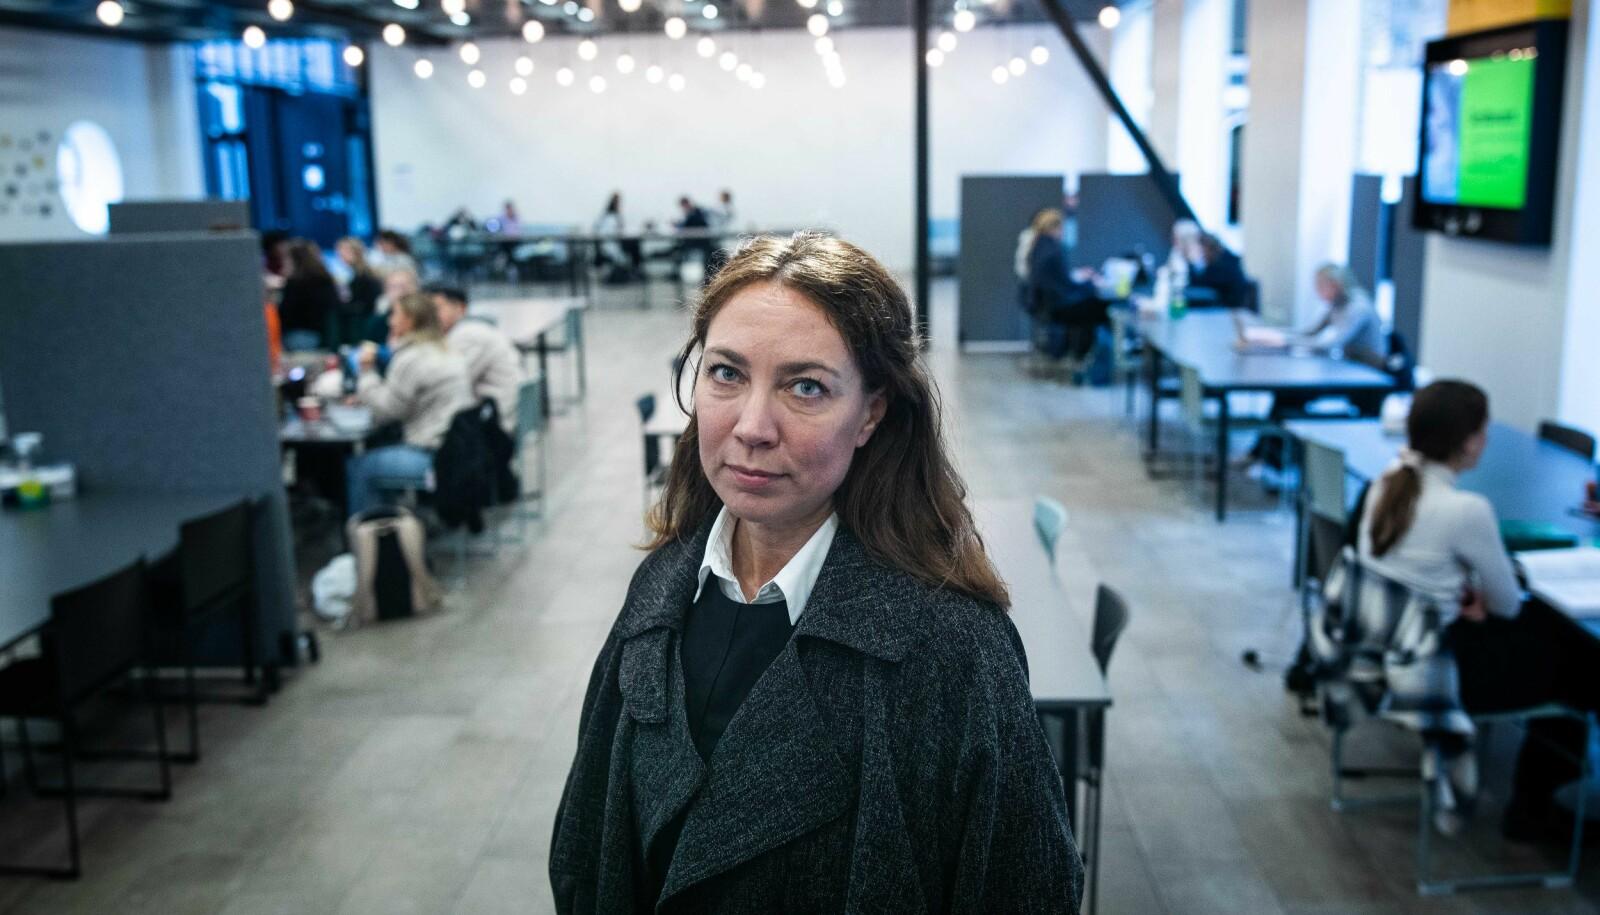 For tre år sidan oppdaga Mona Wille at det var gjort svært lite forsking på ytringsfridomen ved norske universitet og høgskular. No er ho redaktør for ei bok på feltet, og håper den vil motivere til meir forsking på nettopp ytringsfridom.